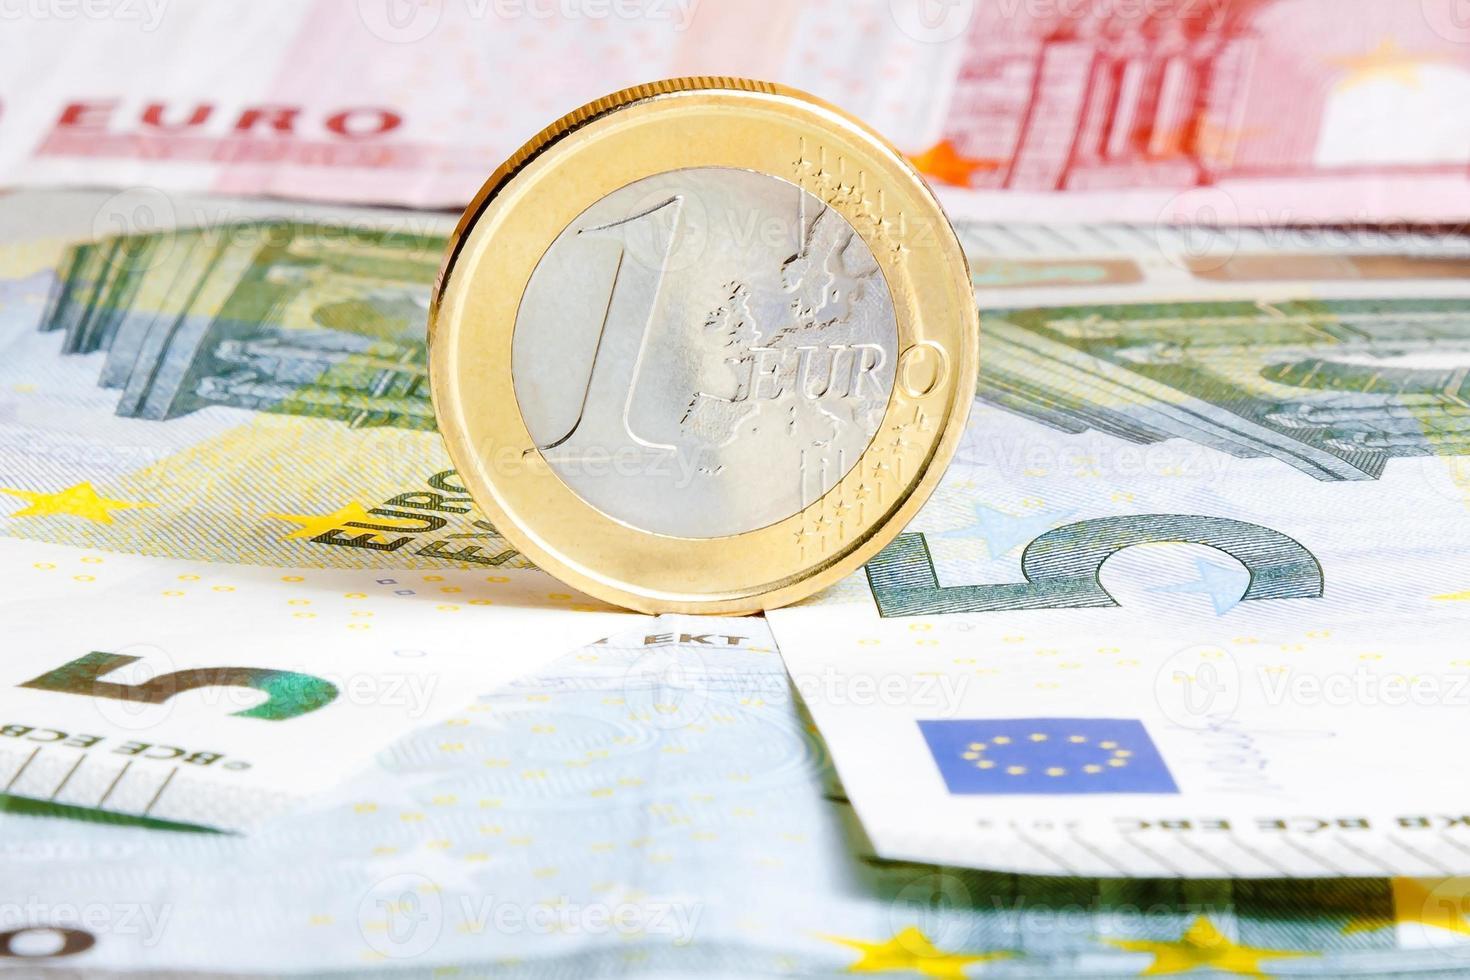 una moneta da un euro sulle banconote foto